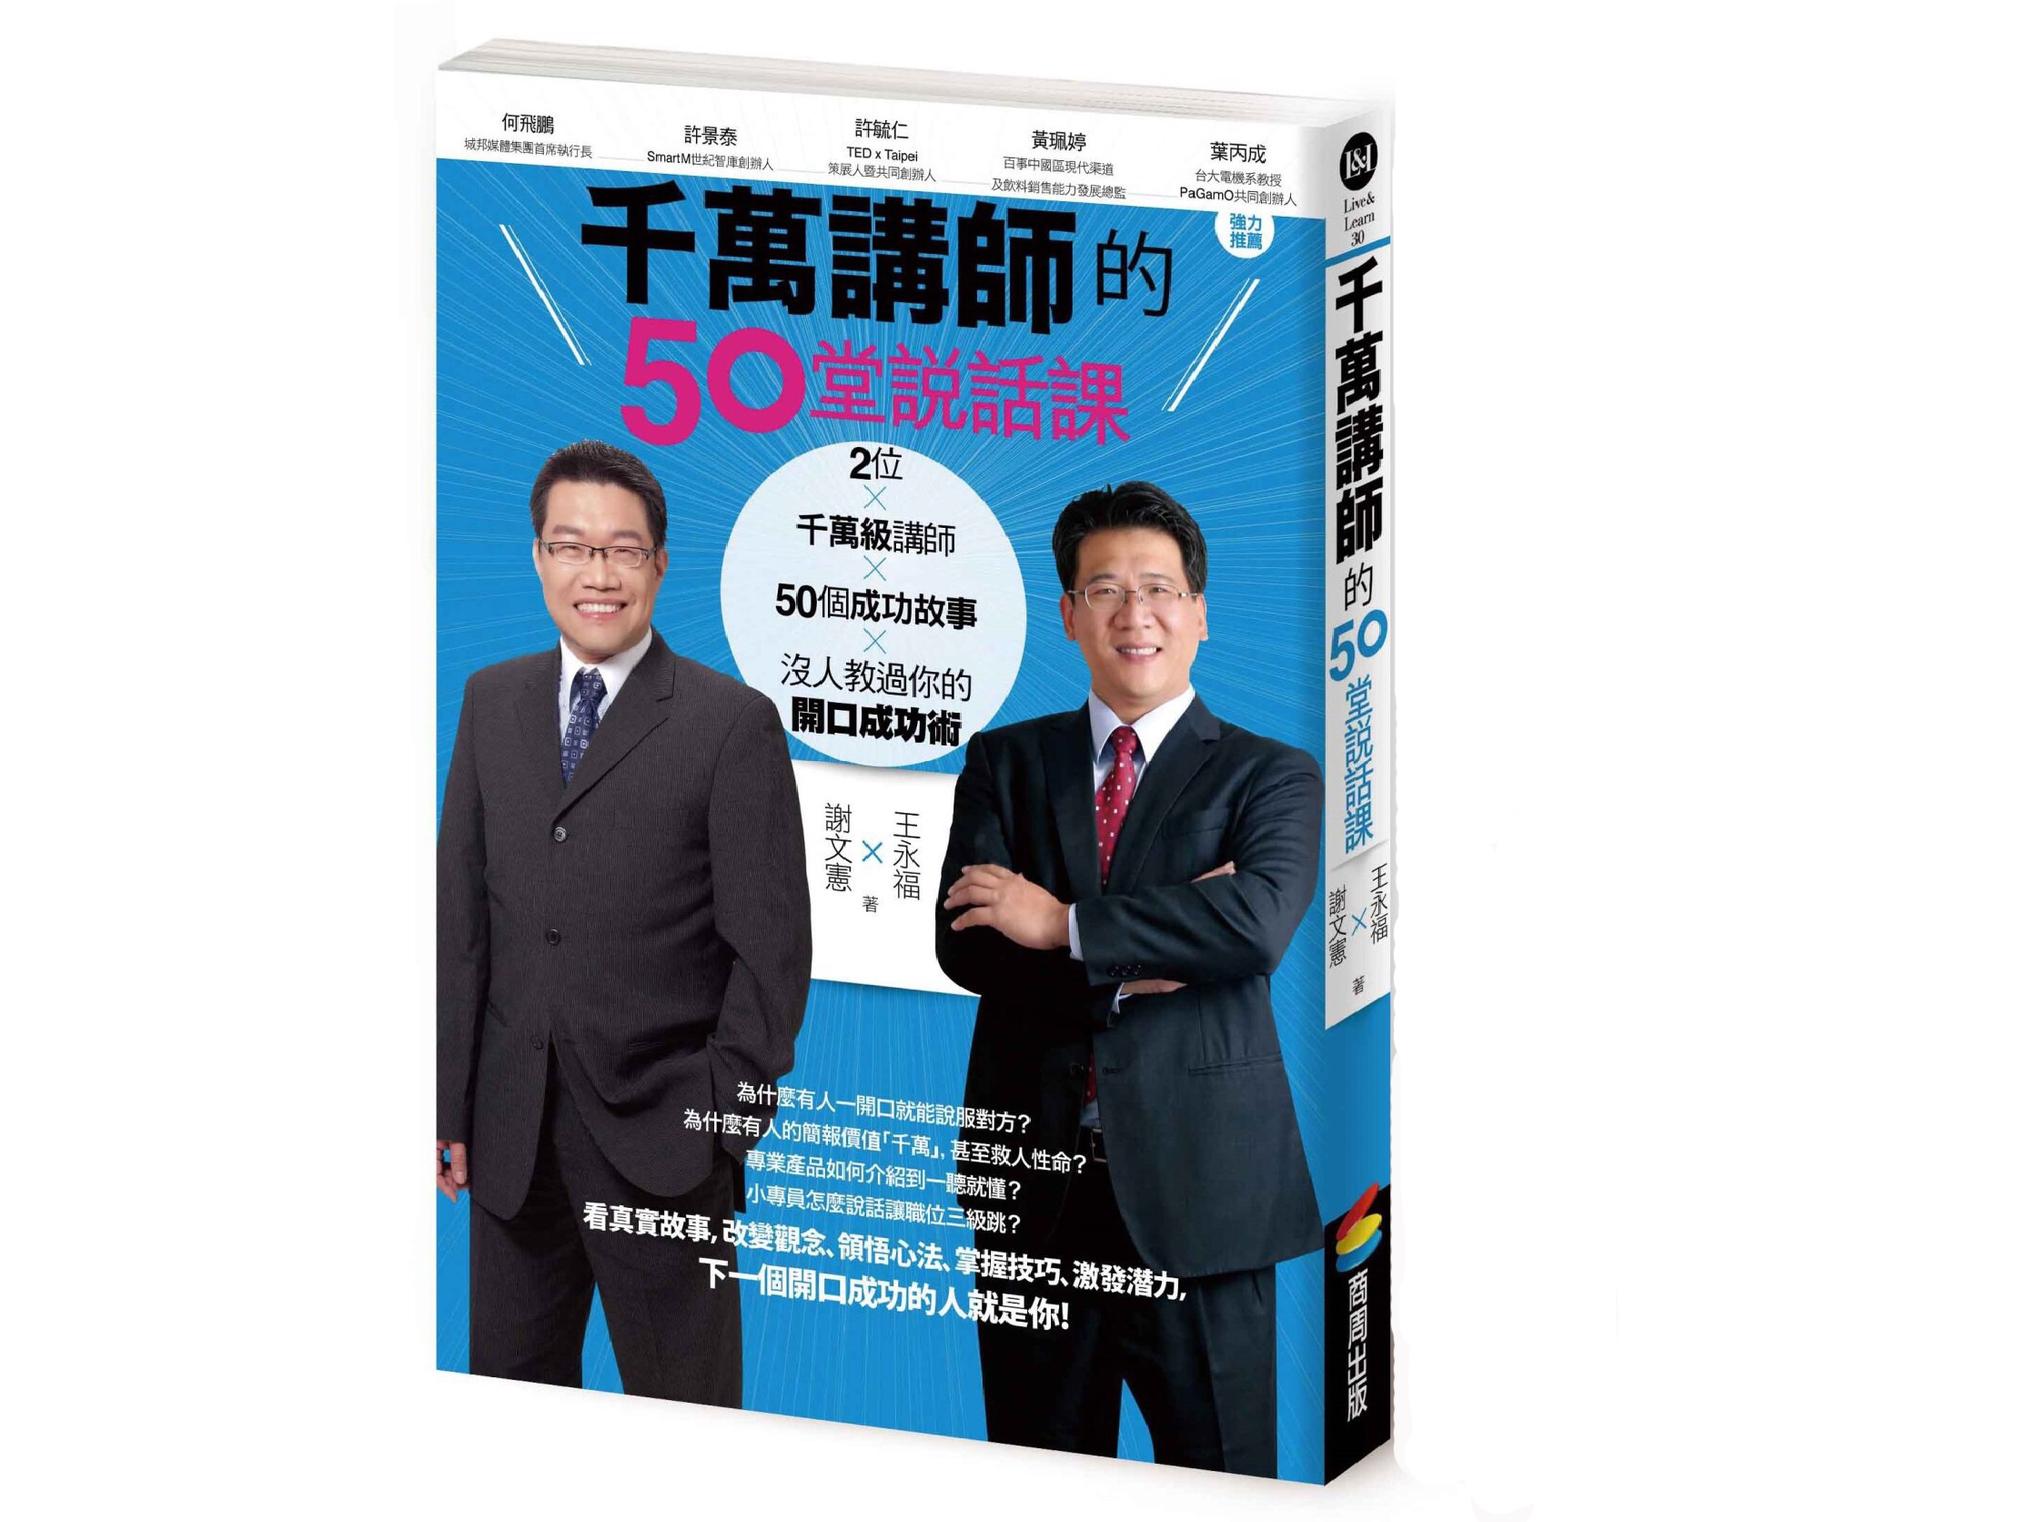 千萬講師的50堂說話課》謝文憲(憲哥):簡報,是職場最不公平的競賽